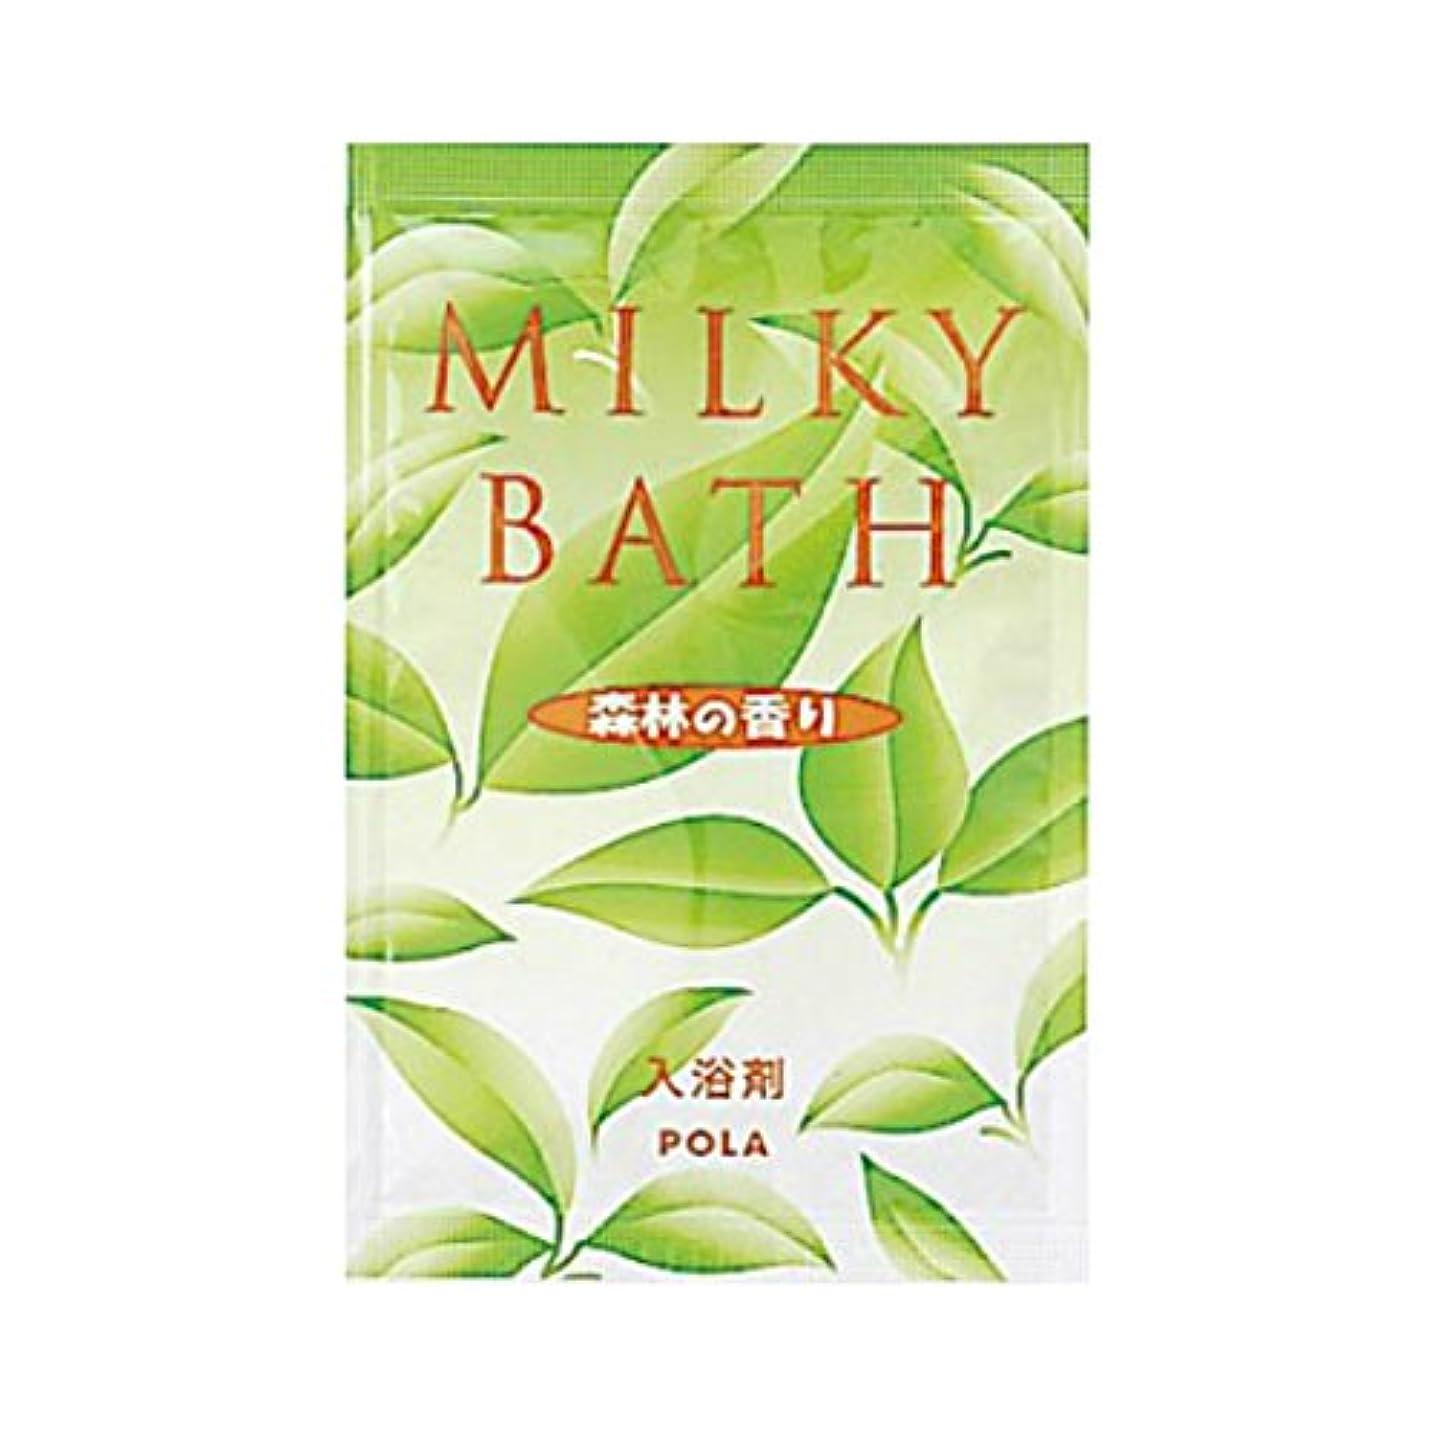 POLA ポーラ アイエス ミルキィバス 森林の香り<浴用化粧品> 18mL×100包